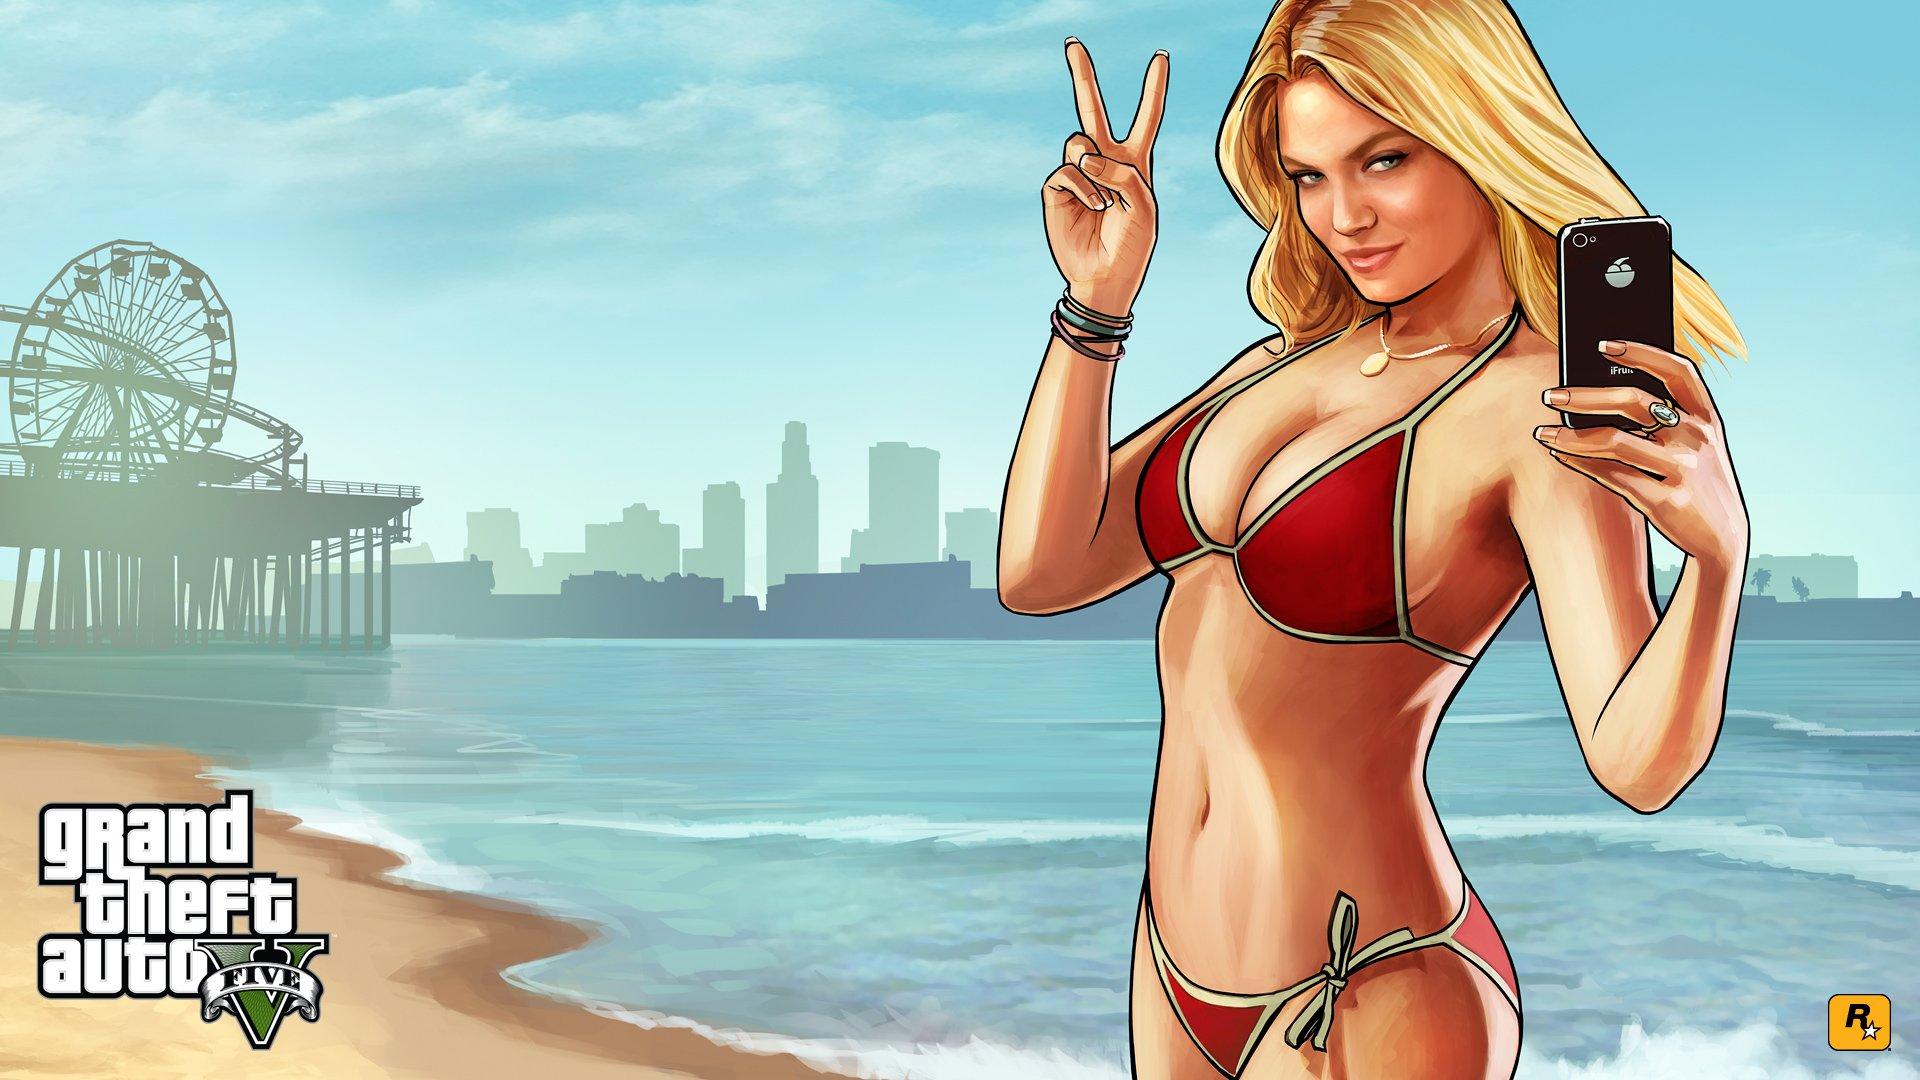 КАНОБУ, Петиция для релиза GTA V на PC. Подписывайте, чтобы привлечь внимание разработчиков, уже более 200 тысяч под ... - Изображение 1